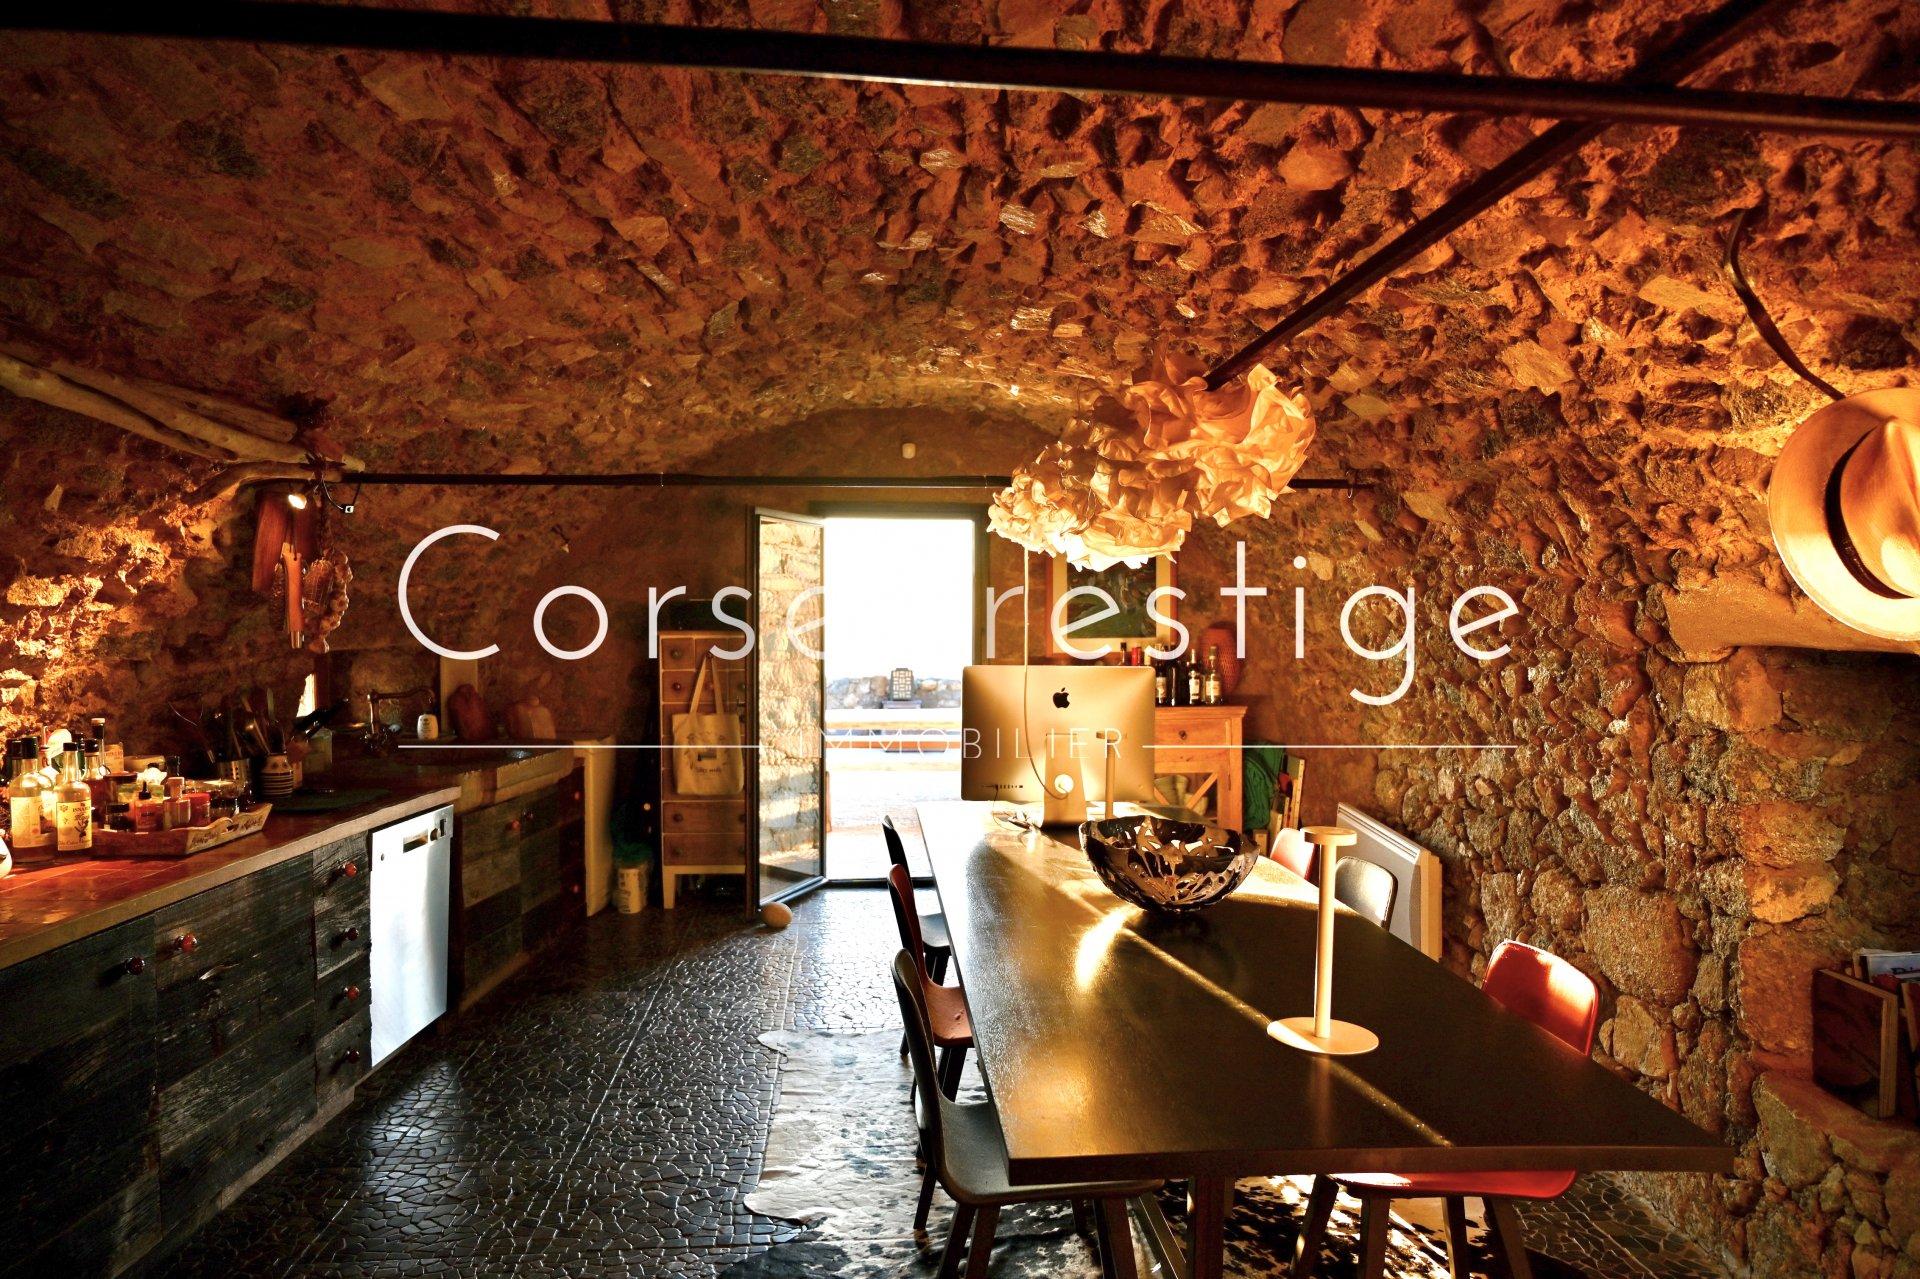 a dream farmhouse for sale in corsica – balagne image8